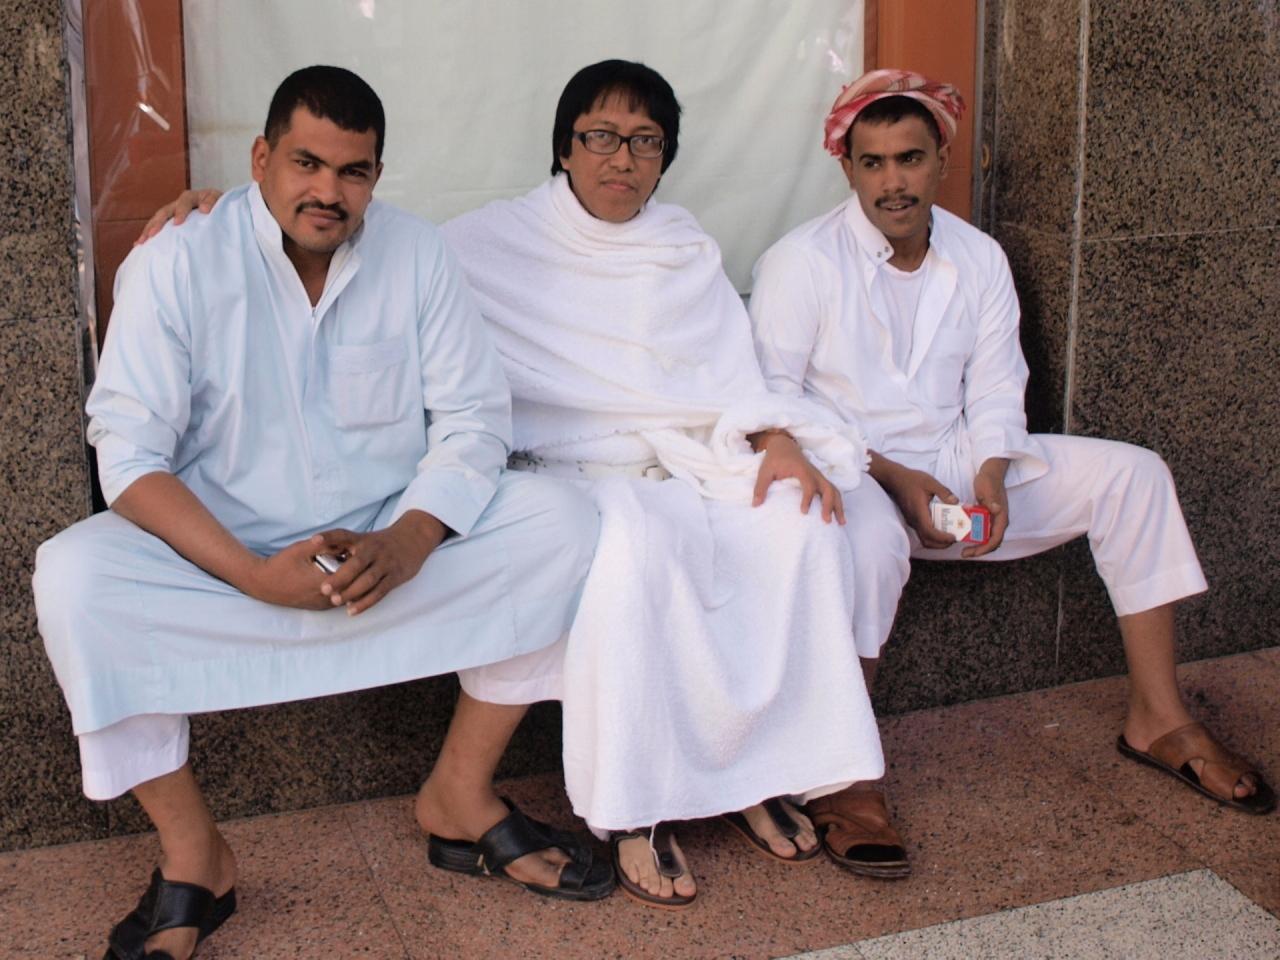 pictures gambar kontol arab Cara Duduk Arab Seperti Inilah